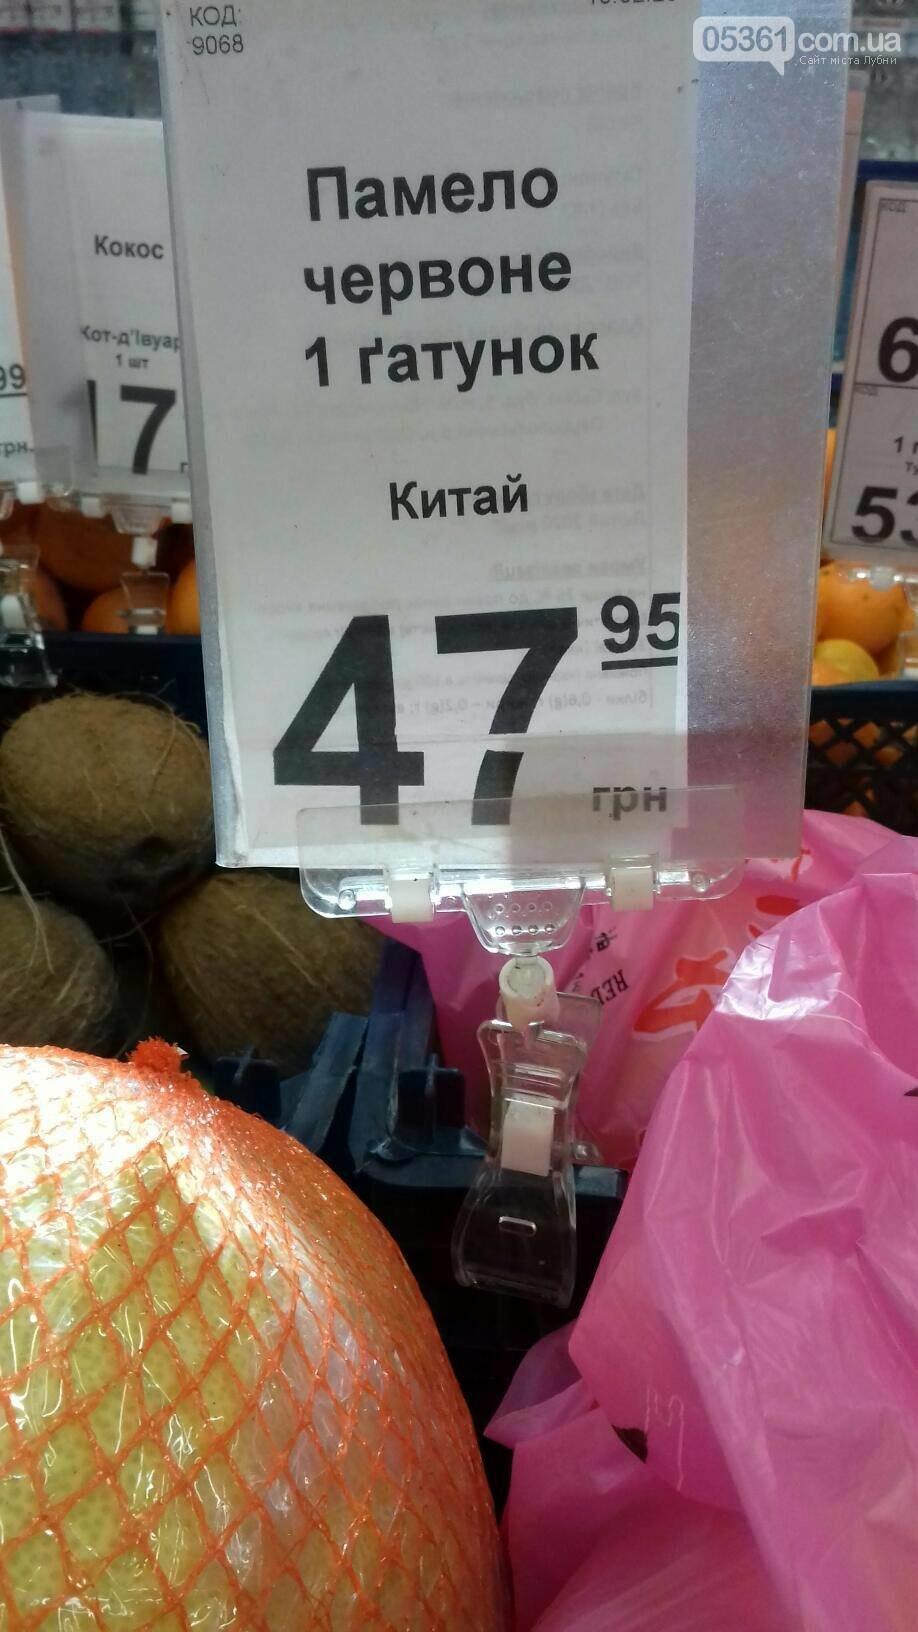 Фрукти з Китаю в лубенських магазинах - чи безпечні вони, фото-1